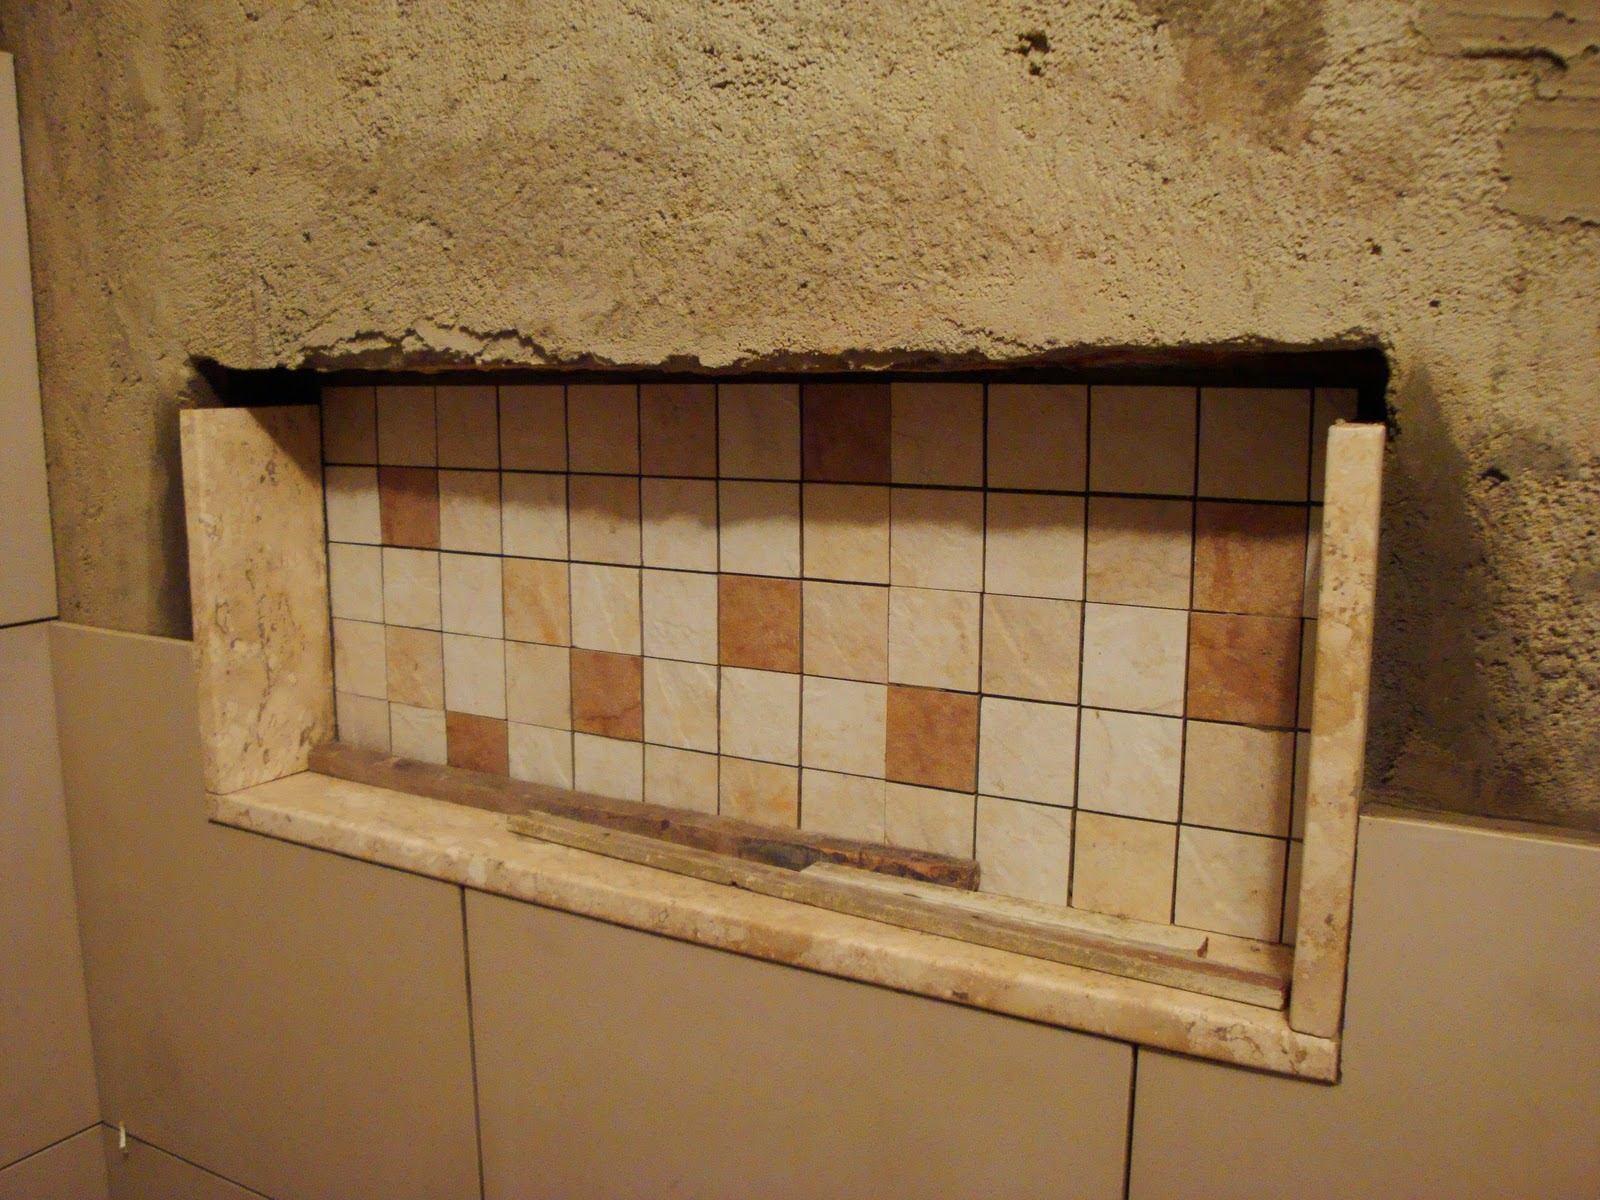 Reforma do Banheiro Nicho para o Banheiro -> Nicho Banheiro Box Medidas